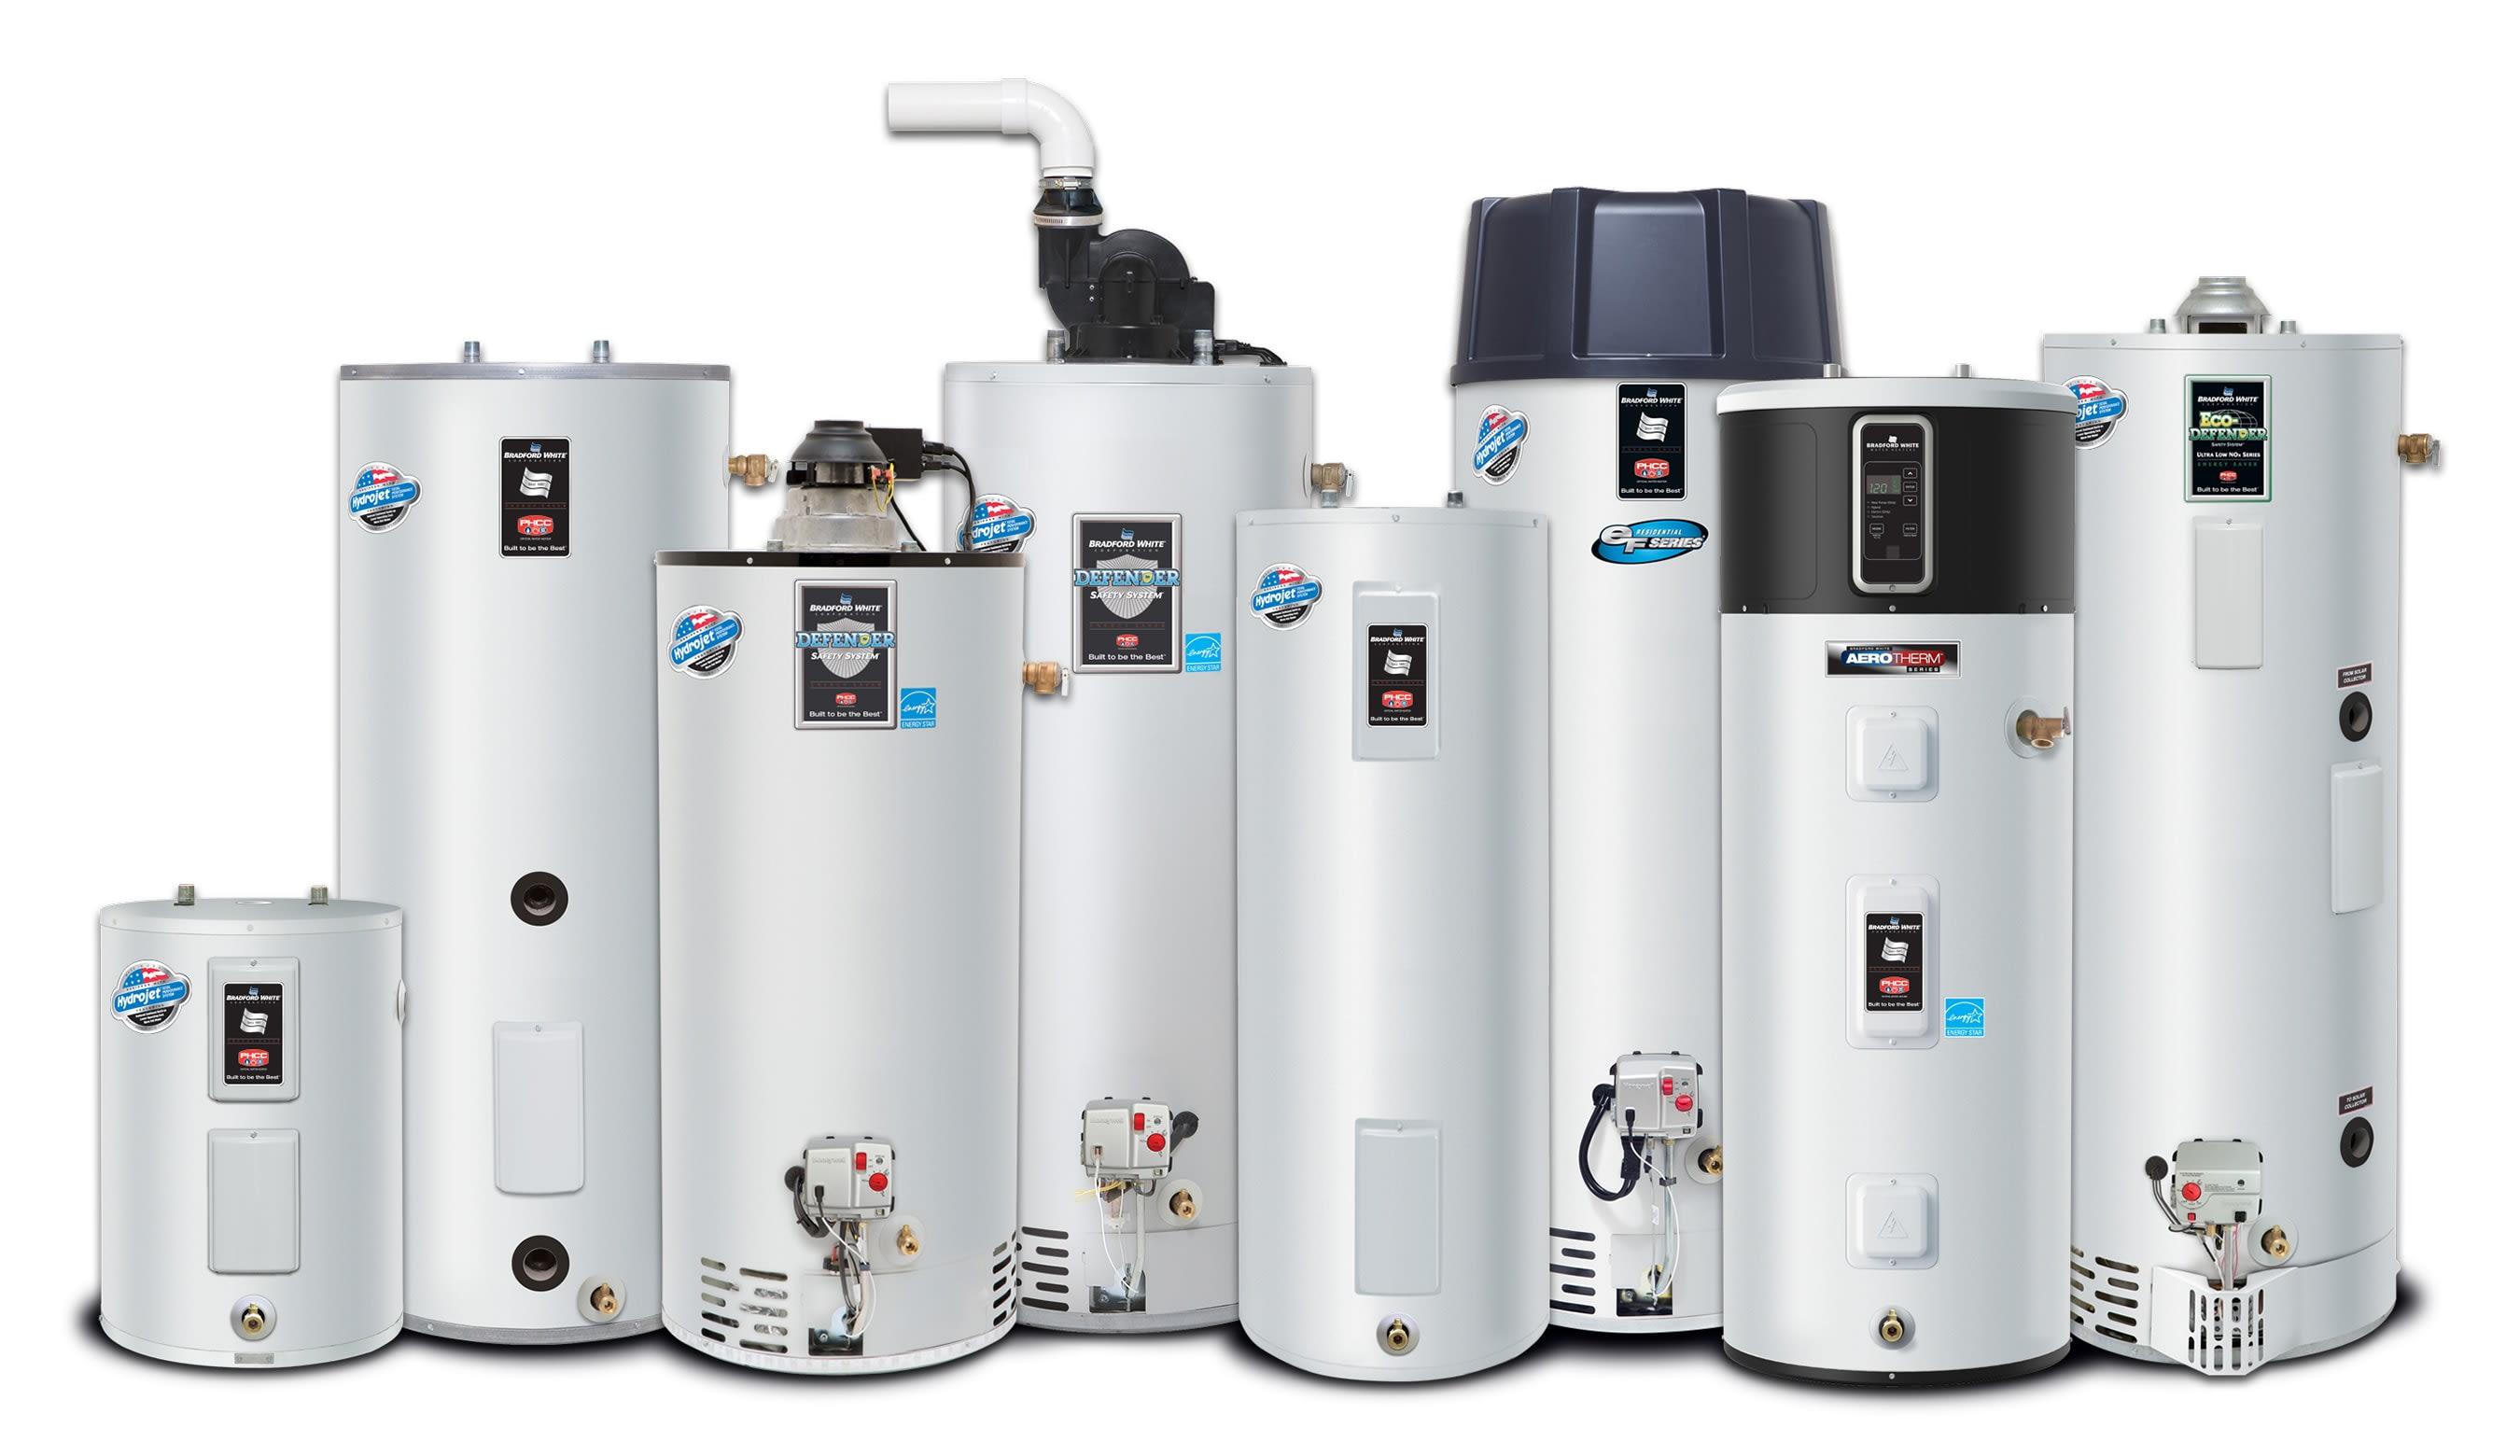 10 Water Heater Yang Bagus Dari Merk Terbaik Di Indonesia 2021